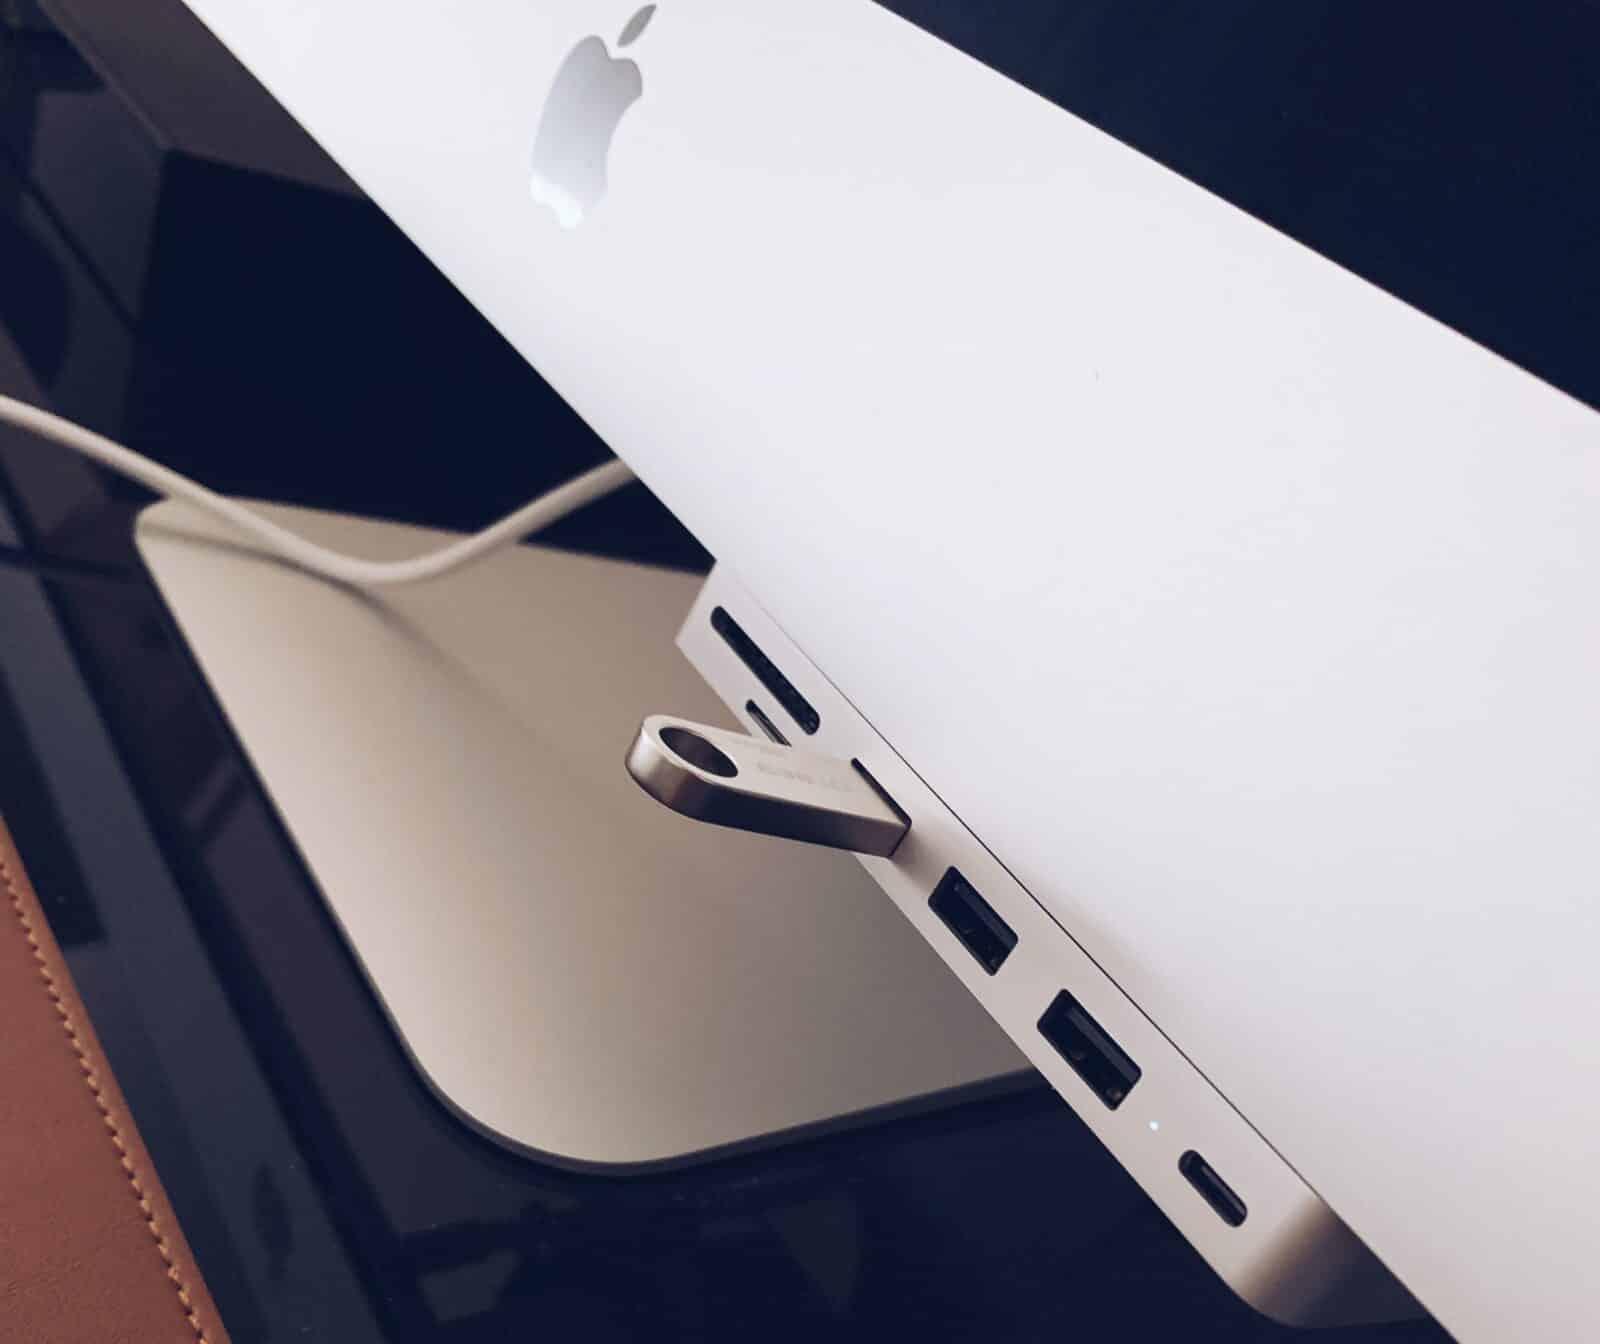 HUB USB en façade